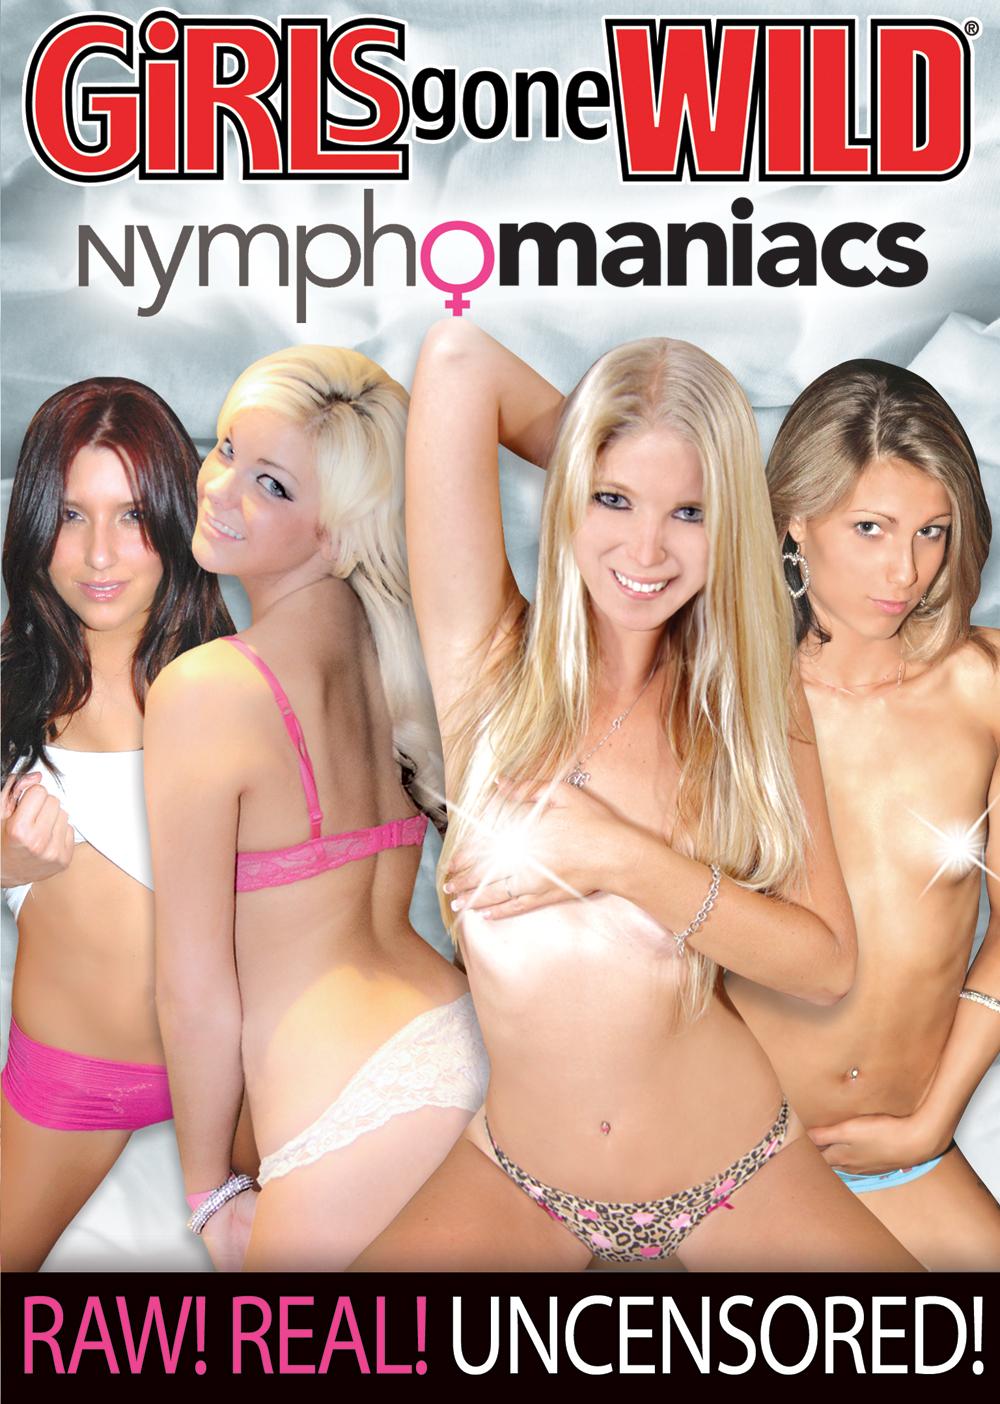 Girls Gone Wild: Nymphomaniacs